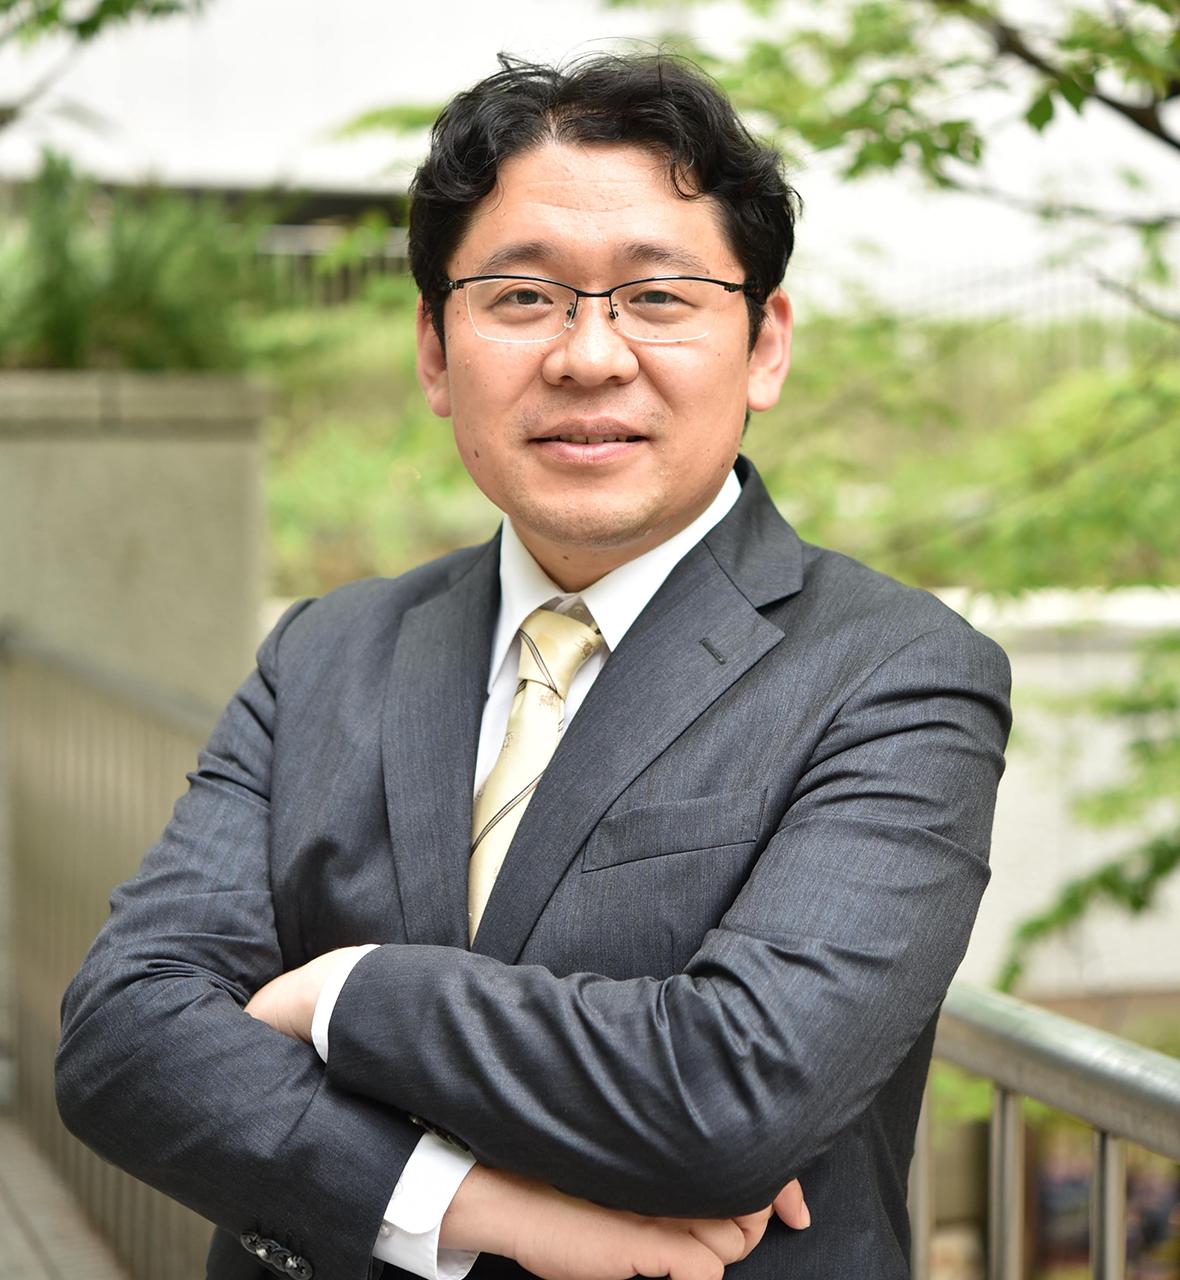 ファイナンシャルプランナー 伊藤 亮太